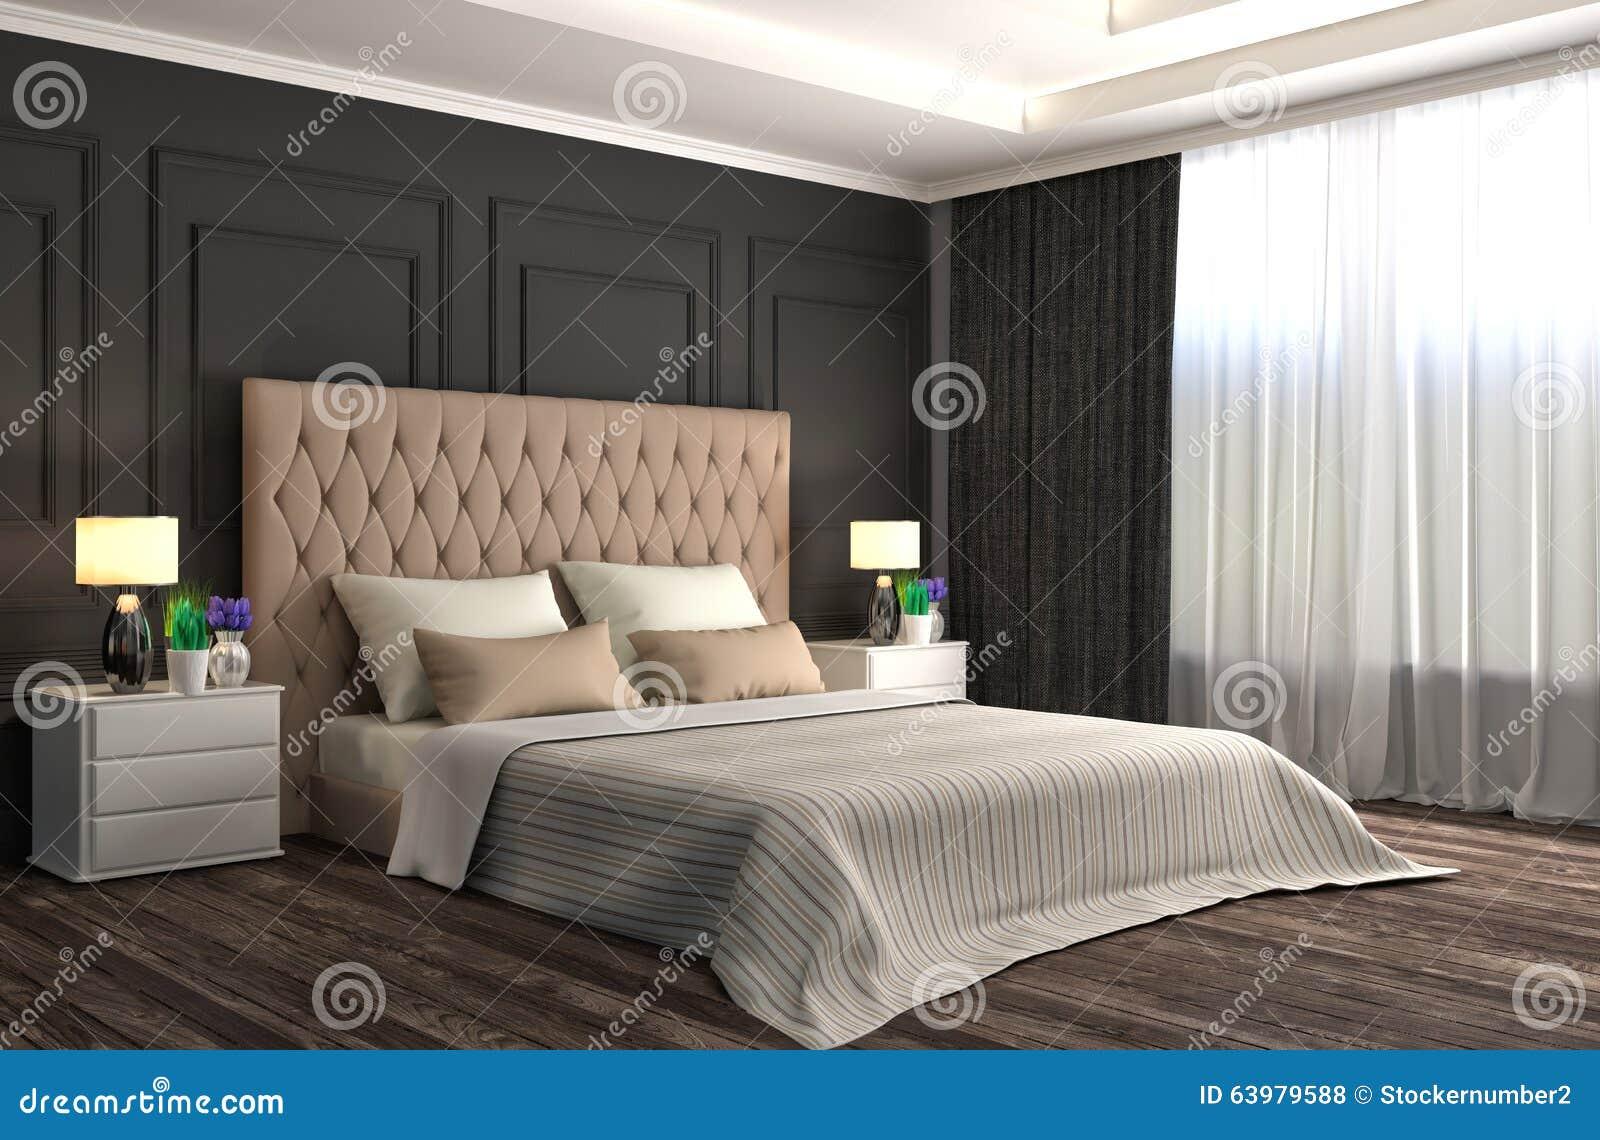 представленная молния окружающей спальни 3d нутряная иллюстрация 3d